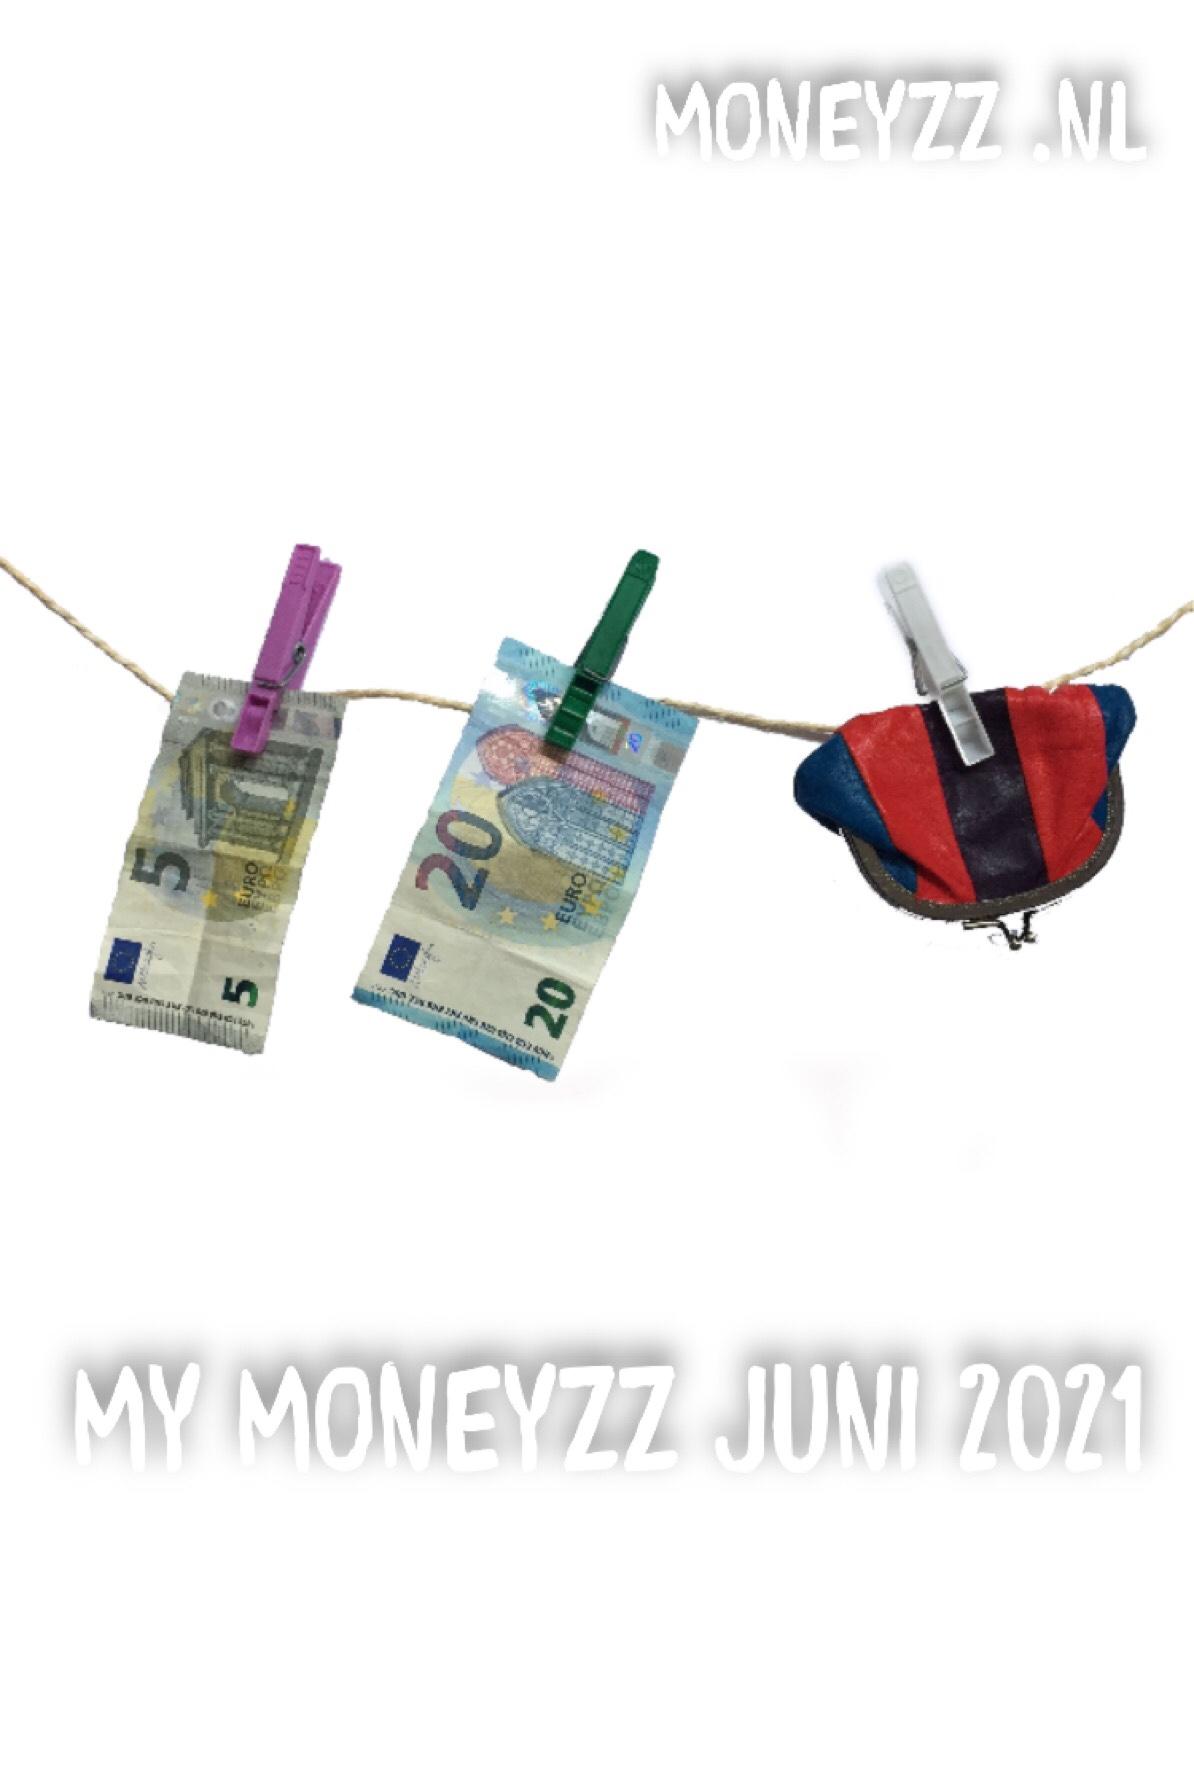 My moneyzz Juni 2021